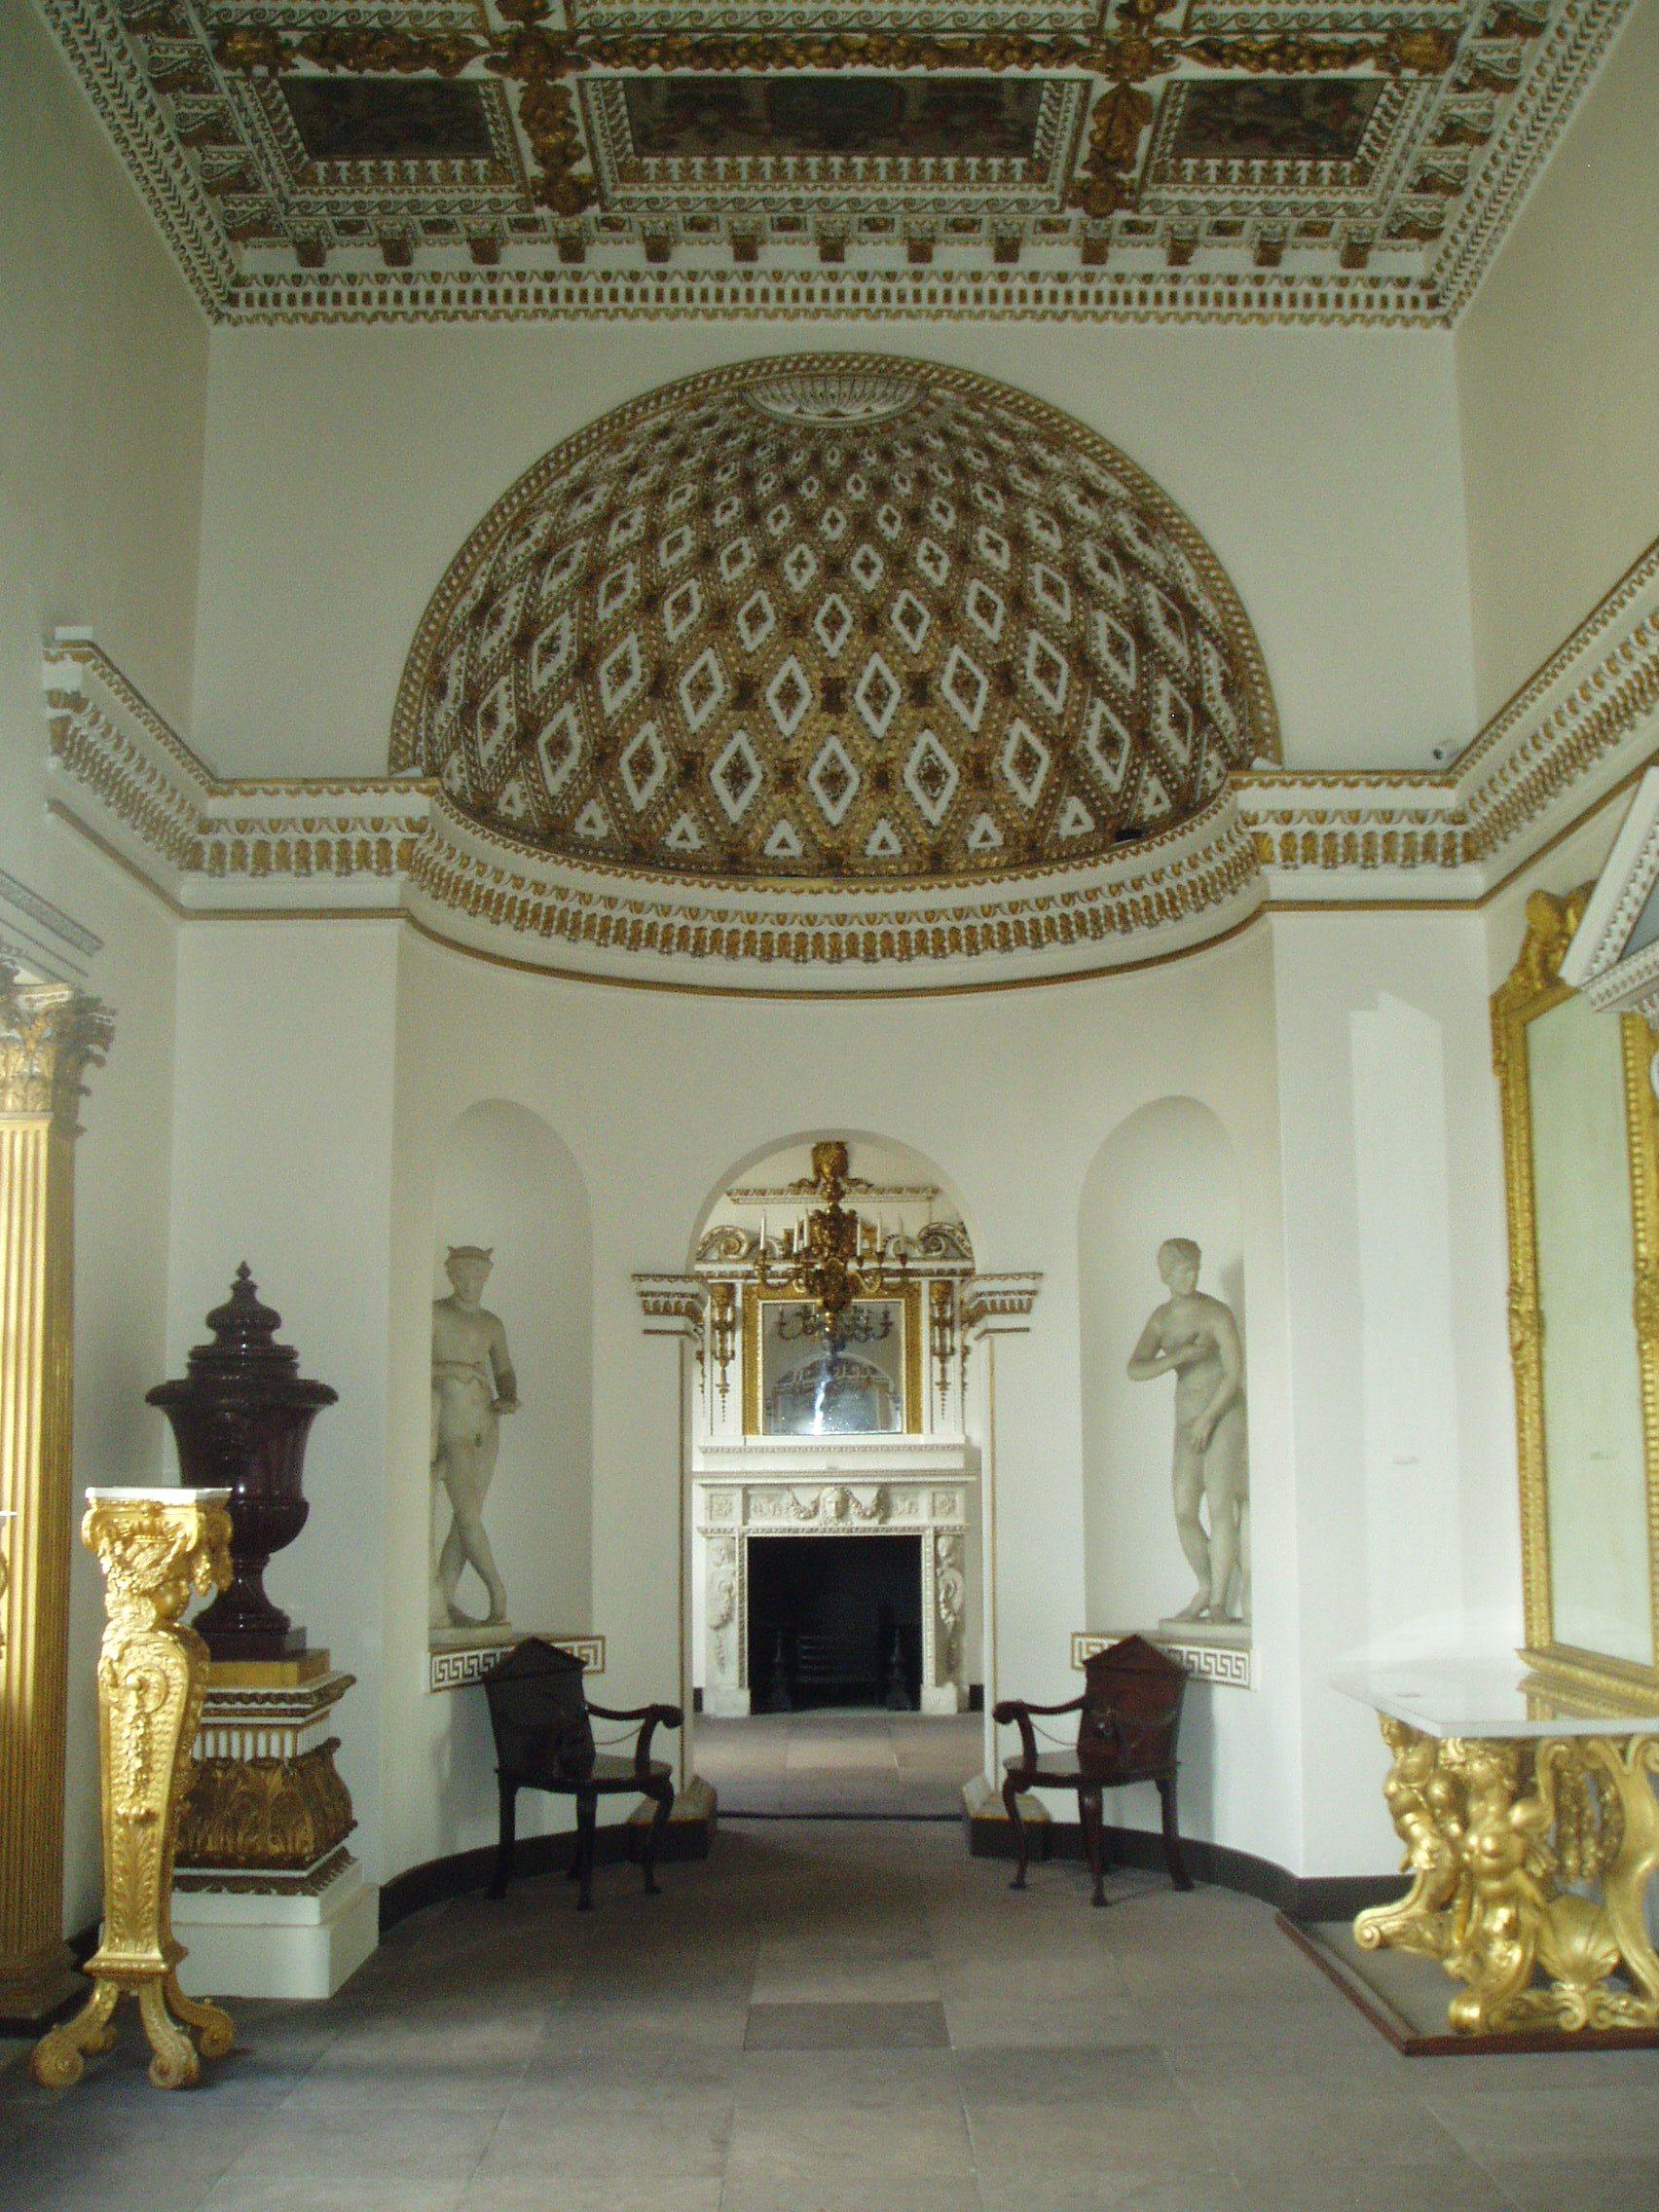 The Upper Tribune aka Domed Hall aka